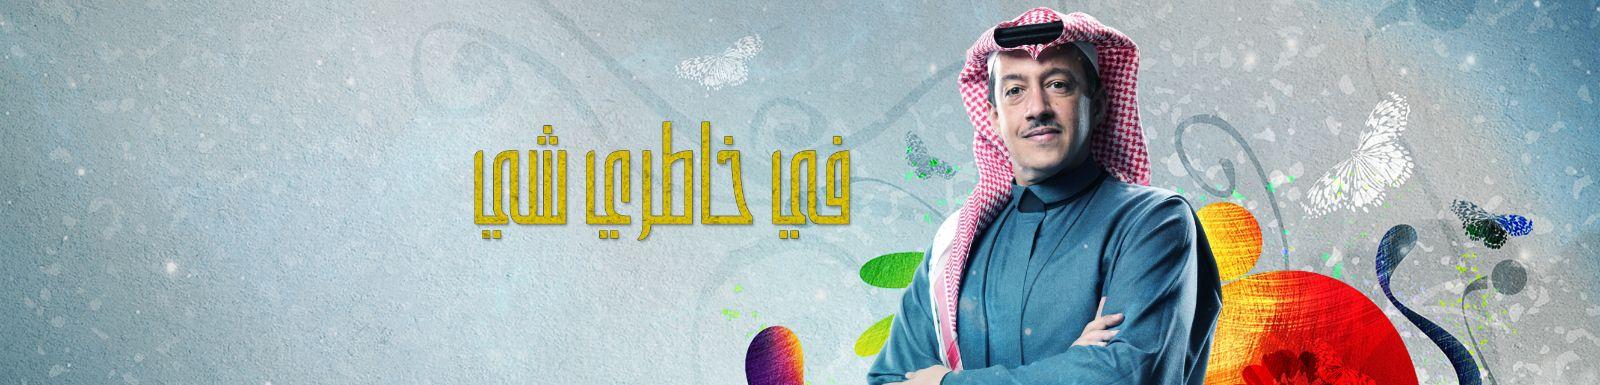 يوتيوب مشاهدة برنامج في خاطري شي الحلقة 8 الثامنة 2014 كاملة